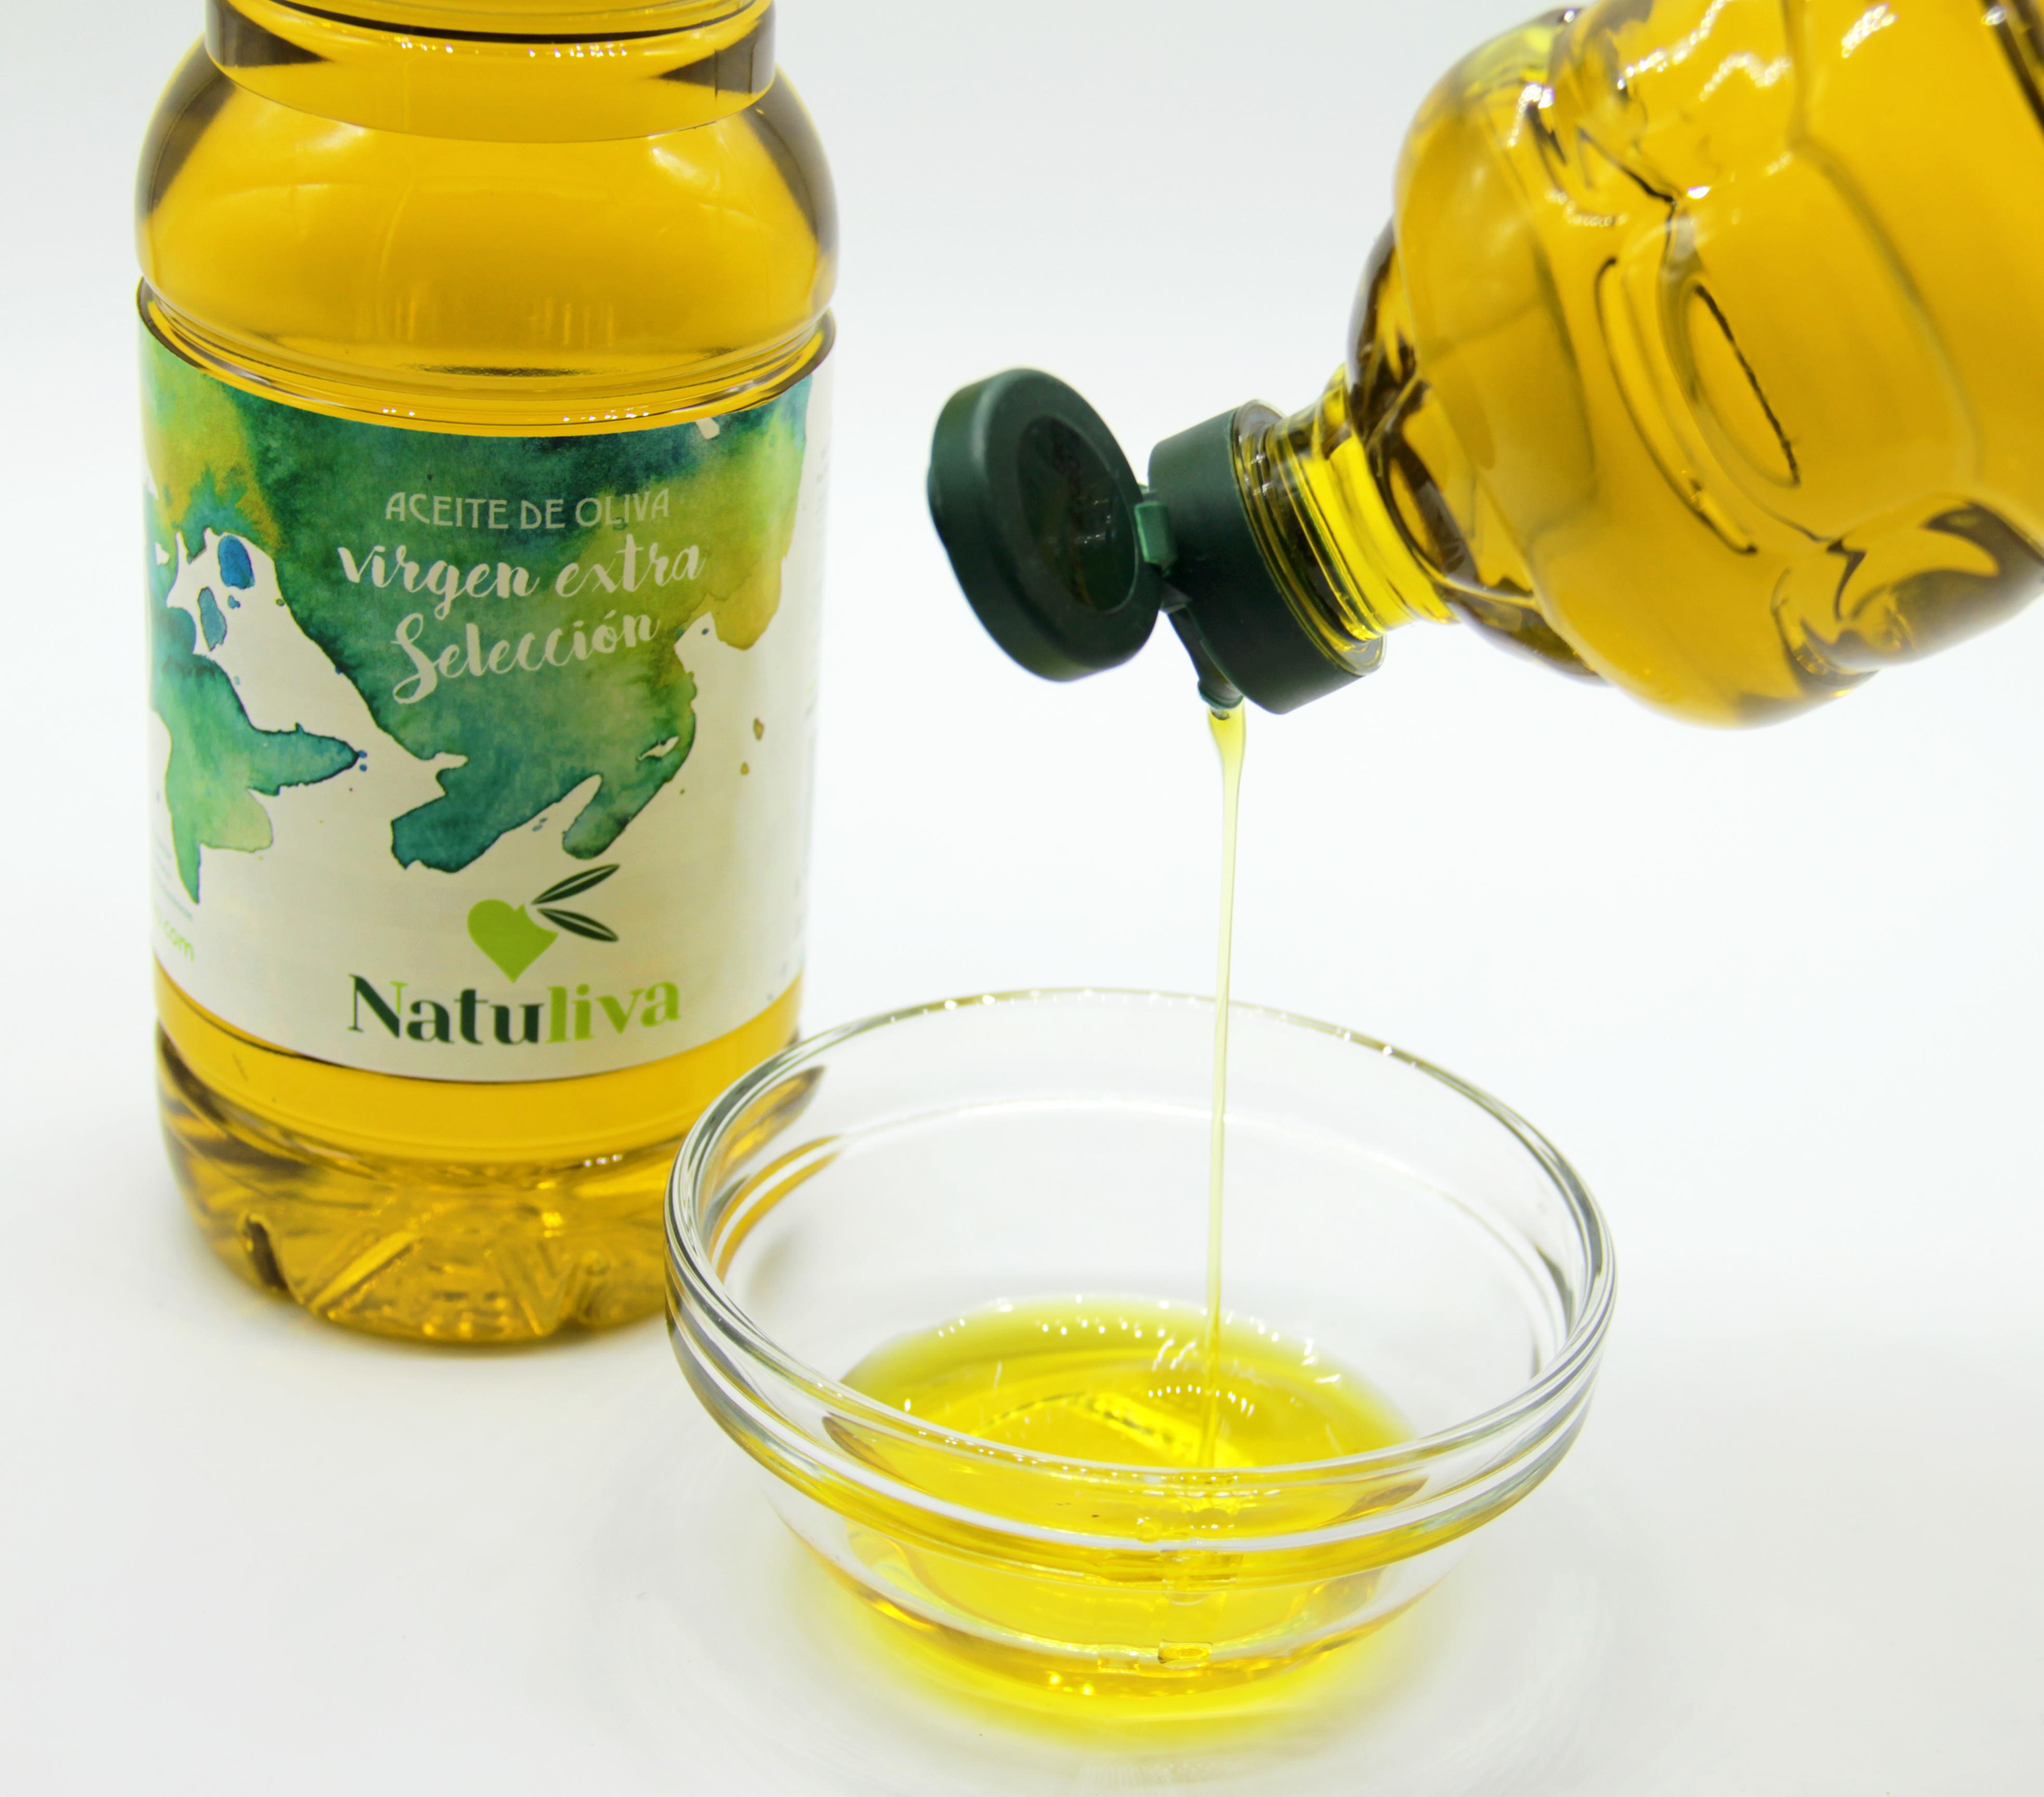 Un estudio demuestra que una dieta mediterránea rica en aceite de oliva ( Natuliva virgen extra, ecológico y licopeno) mejora el colesterol